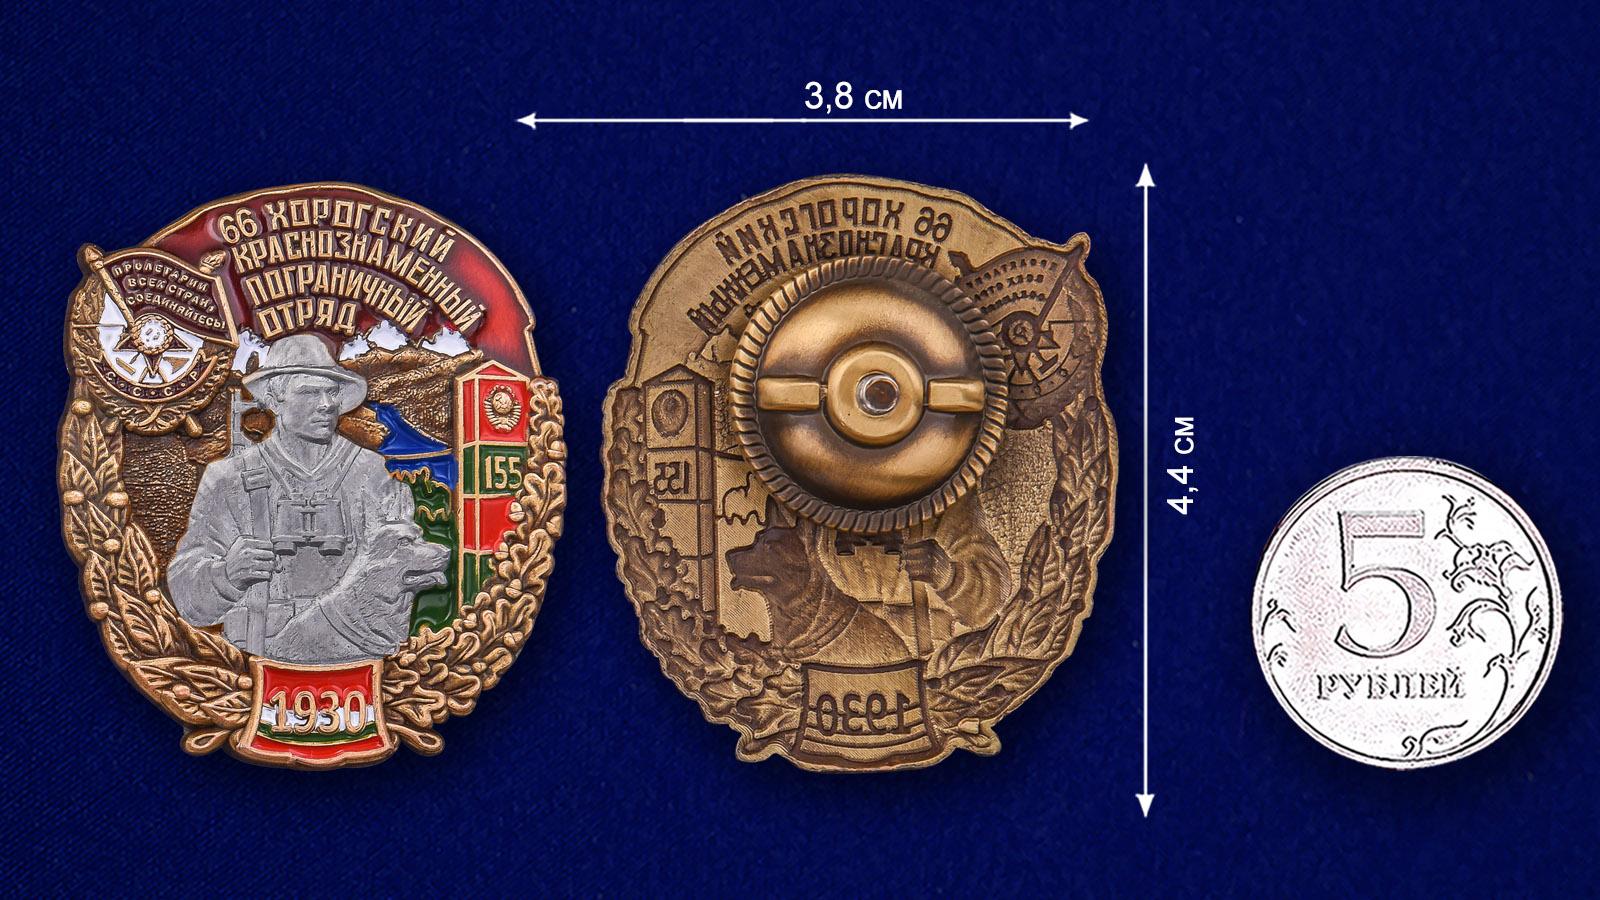 Латунный знак 66 Хорогский Краснознамённый Пограничный отряд - сравнительный вид